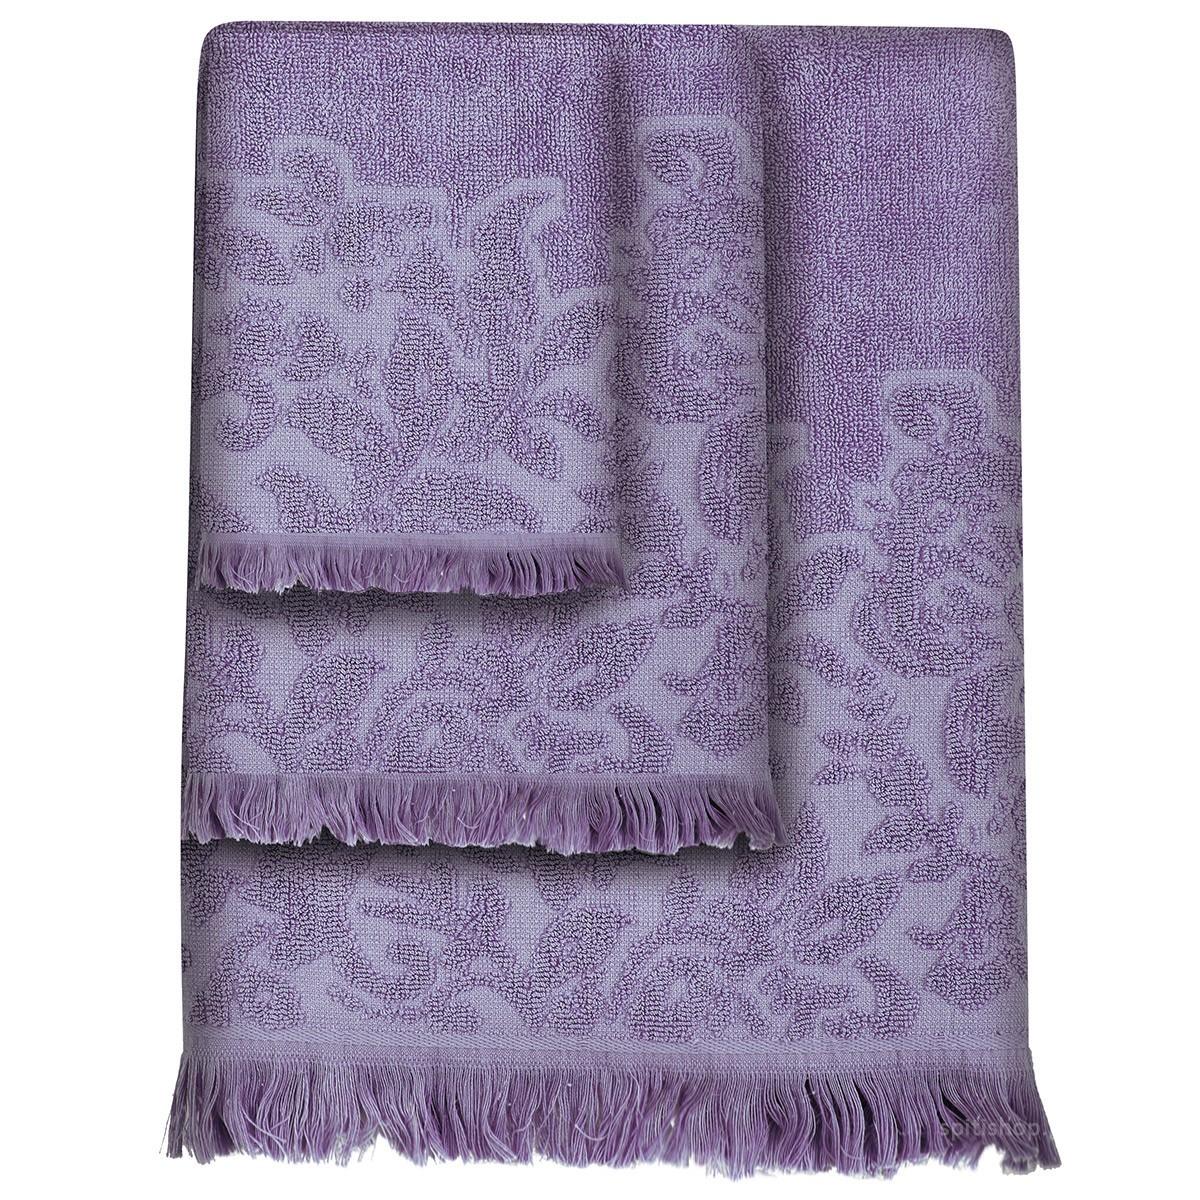 Πετσέτες Μπάνιου (Σετ 3τμχ) Das Home Simple 355